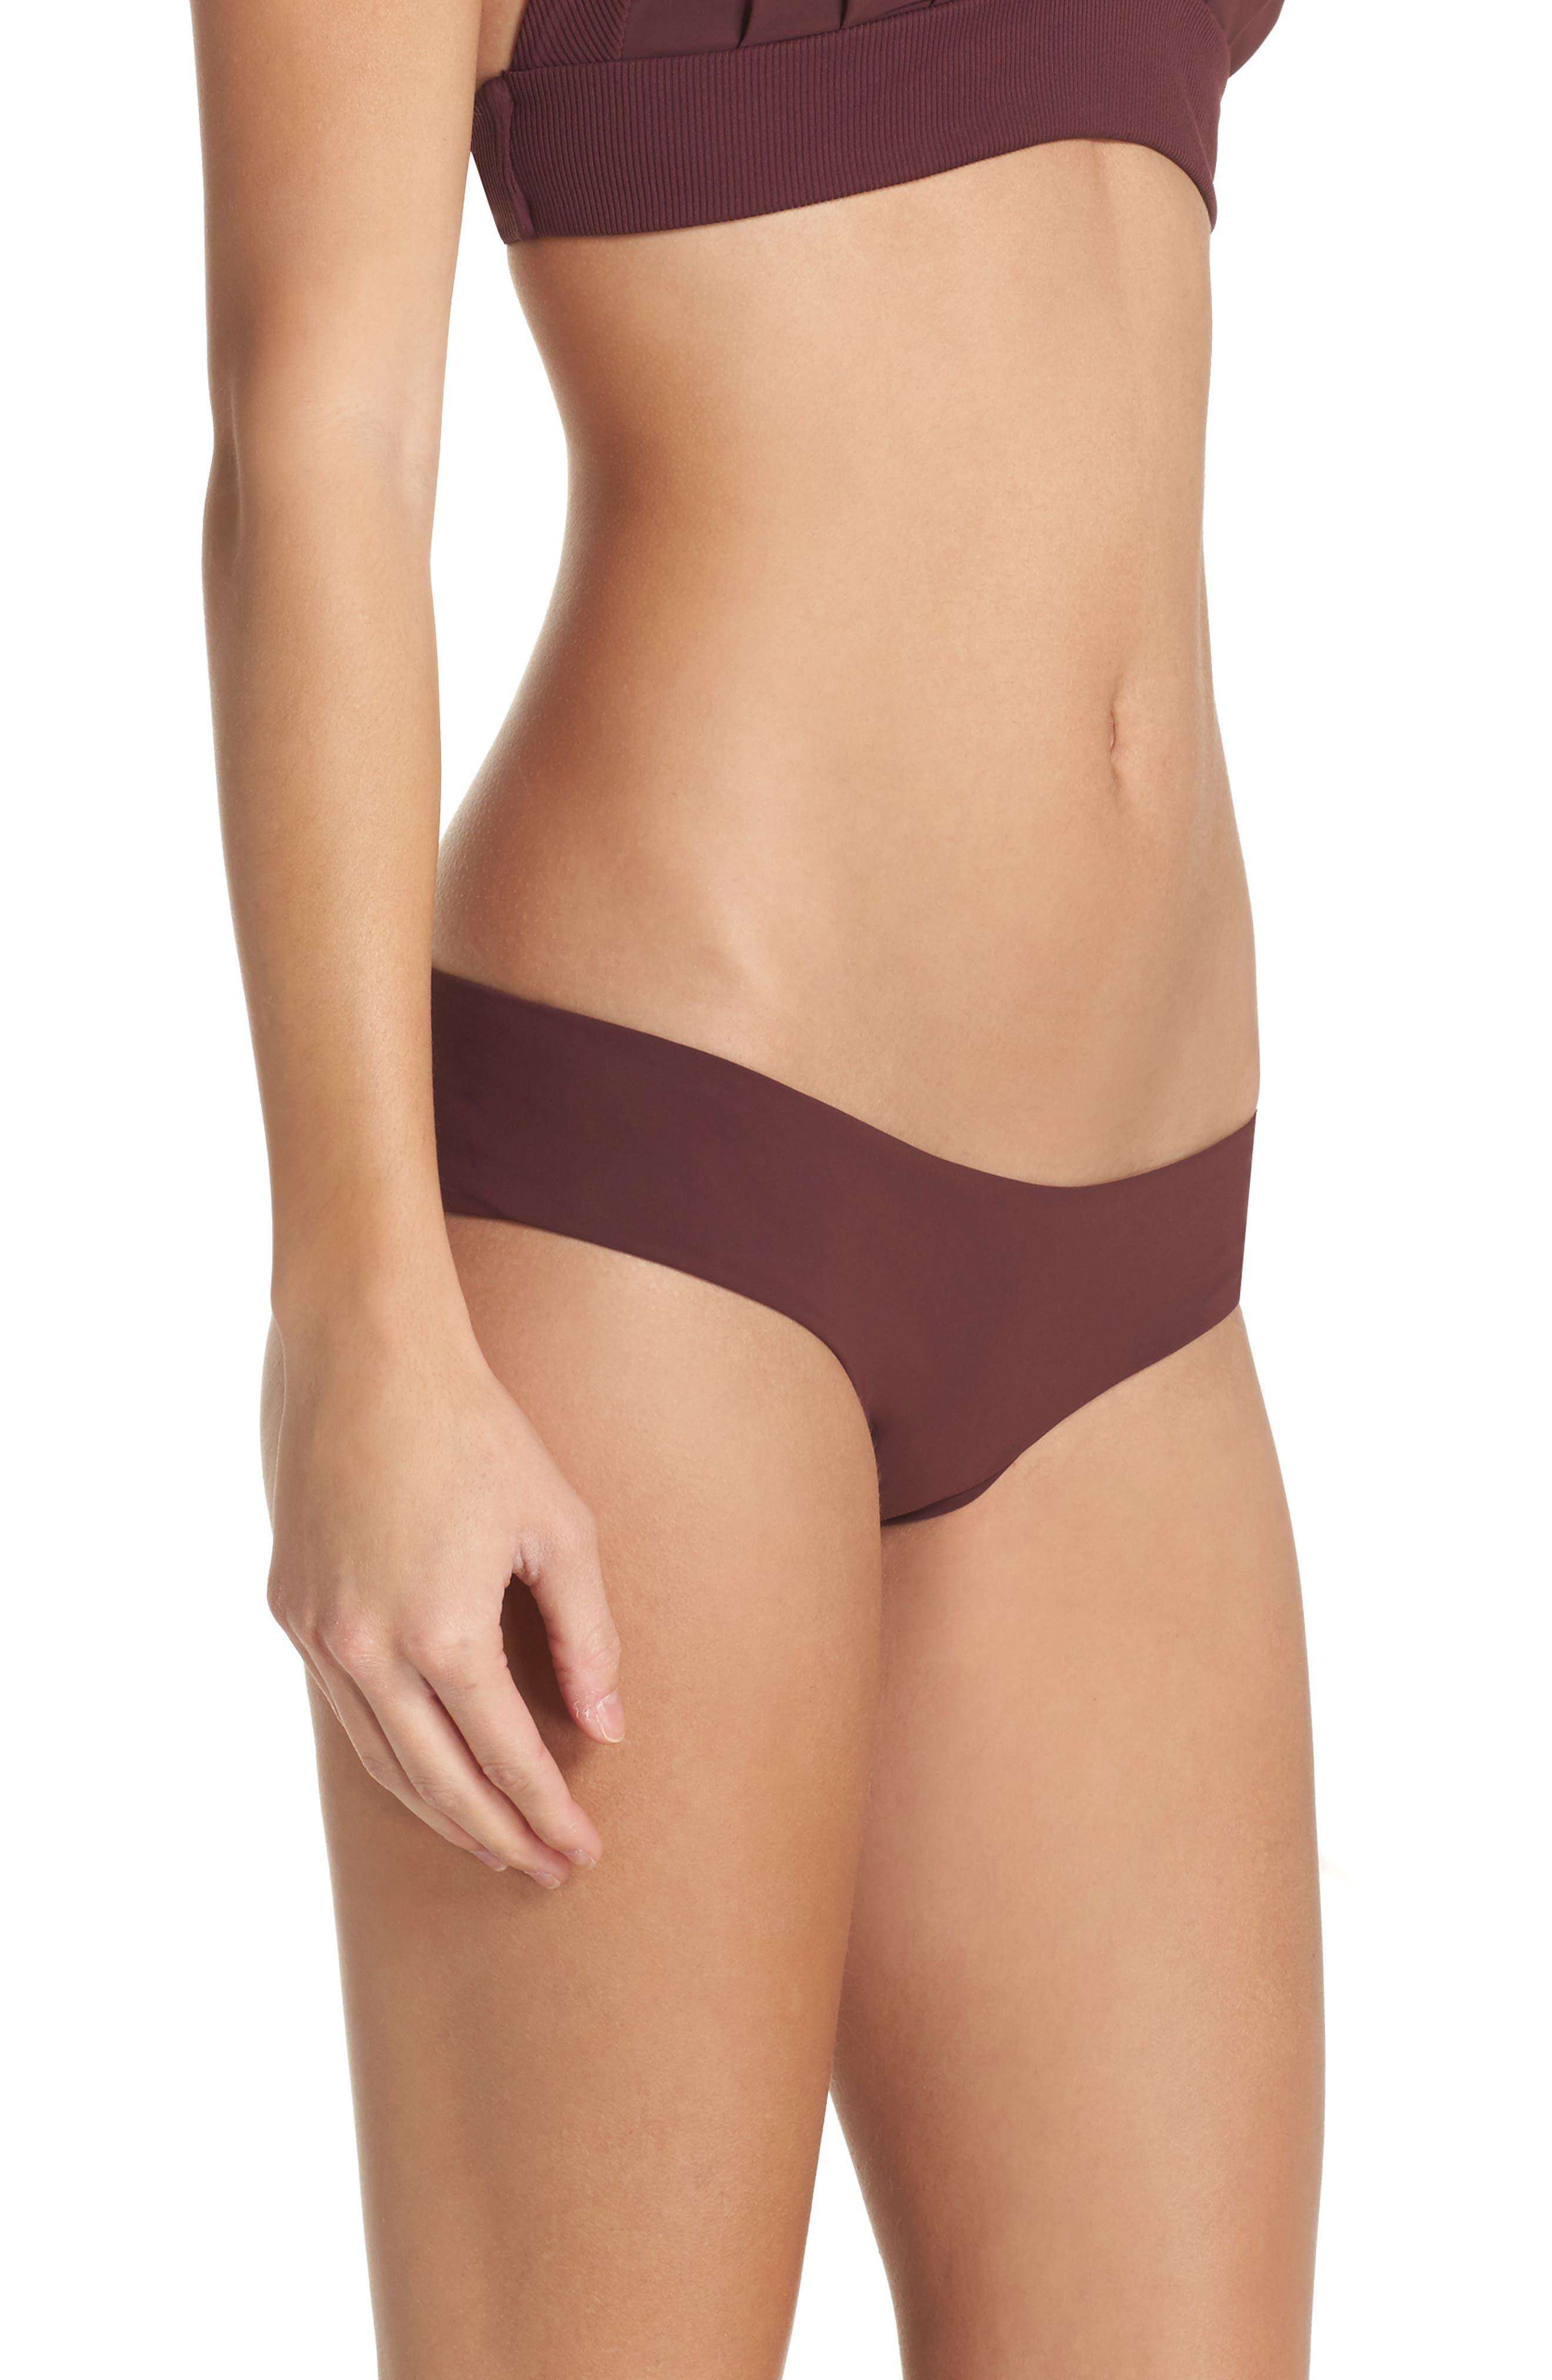 Yaya the Yuppy Bikini Bottoms,                             Alternate thumbnail 3, color,                             Burgundy